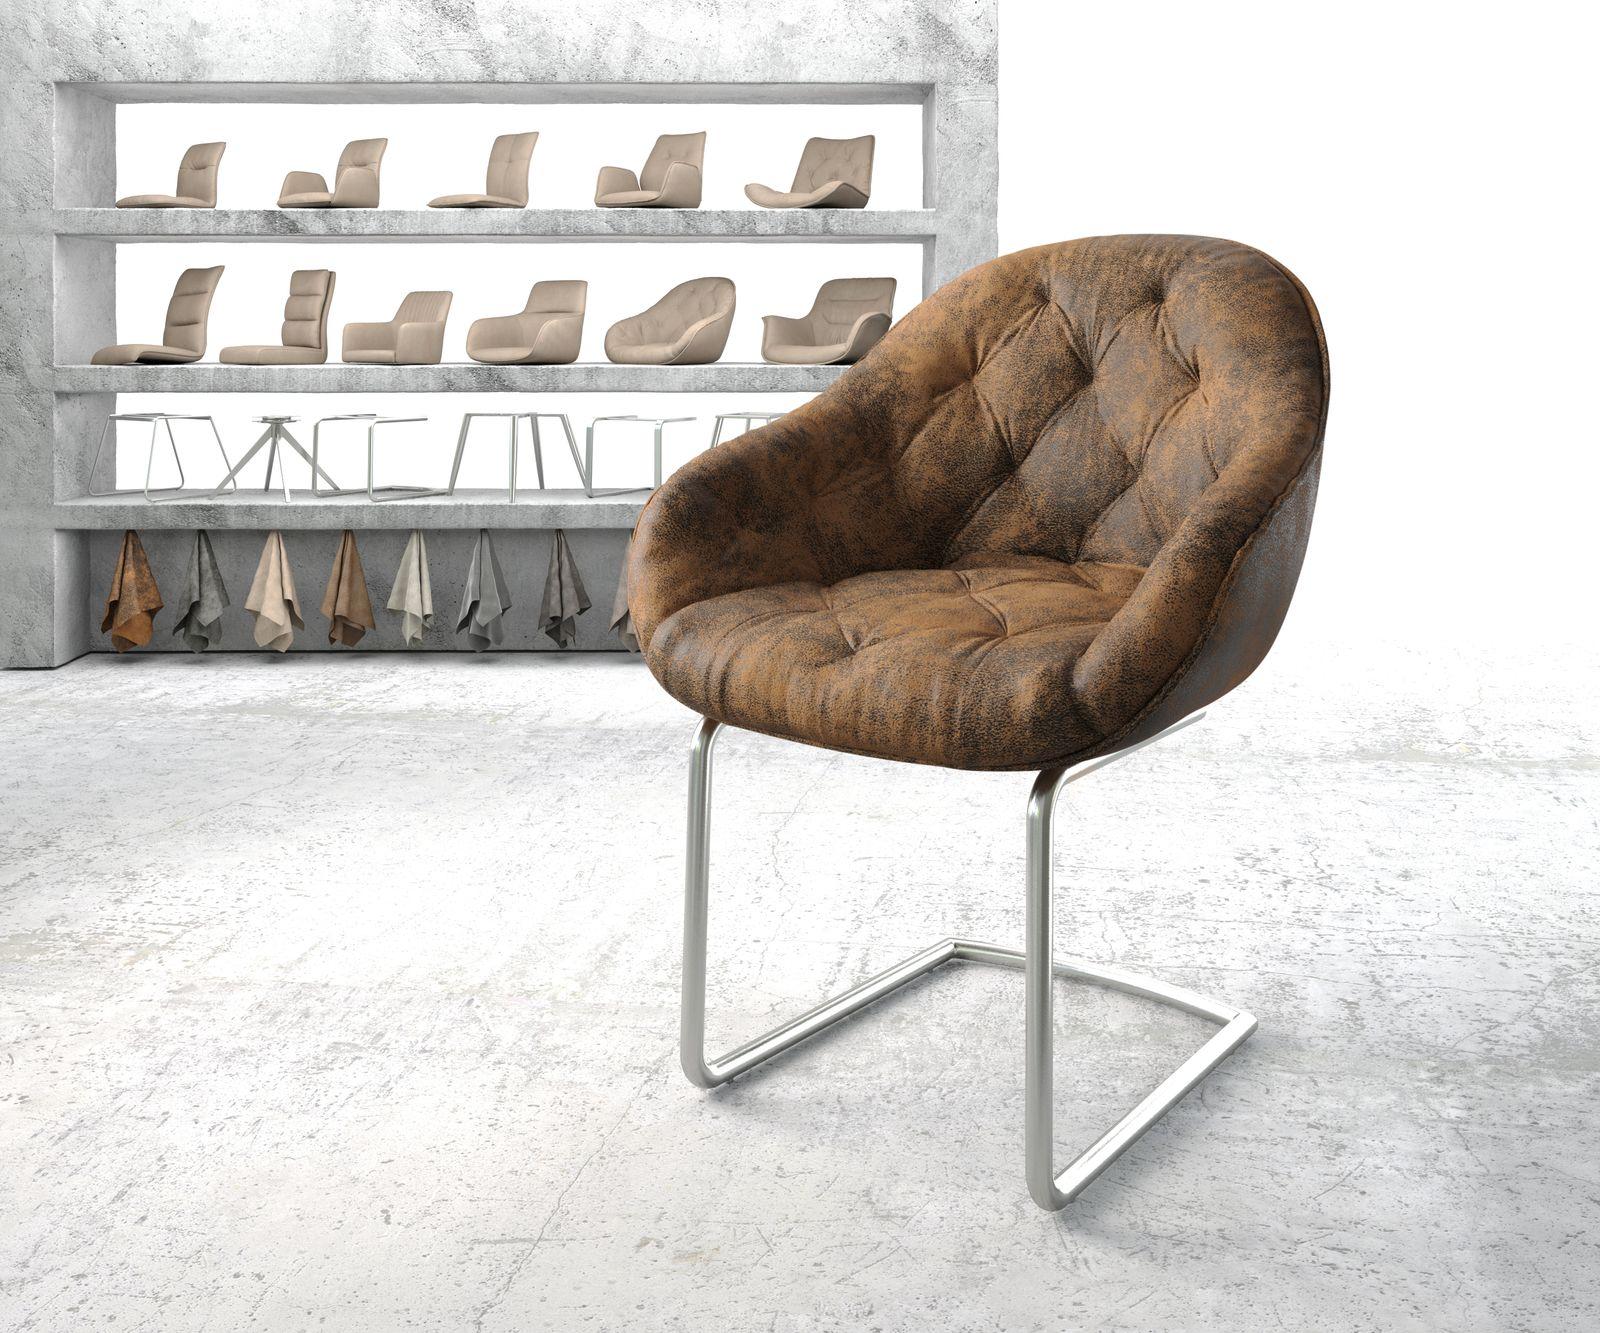 delife-armlehnstuhl-gaio-flex-braun-vintage-freischwinger-rund-edelstahl-esszimmerstuhle, 99.90 EUR @ delife-de